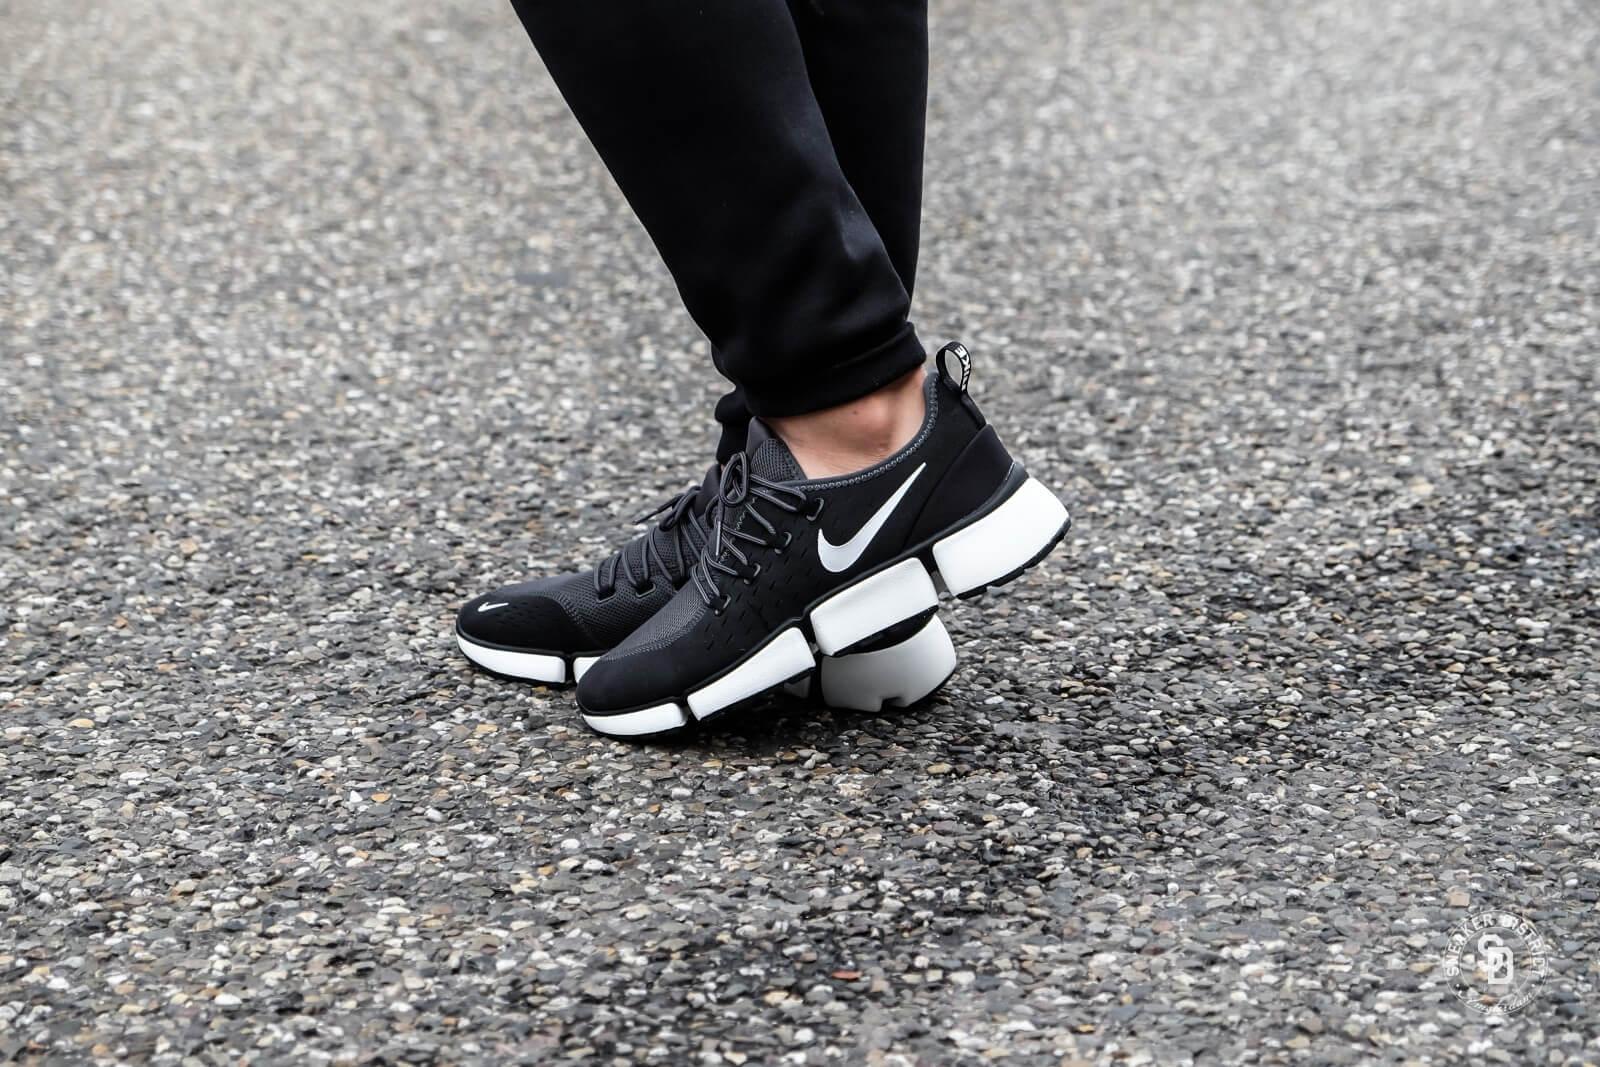 Nike Pocket Fly DM Black/White